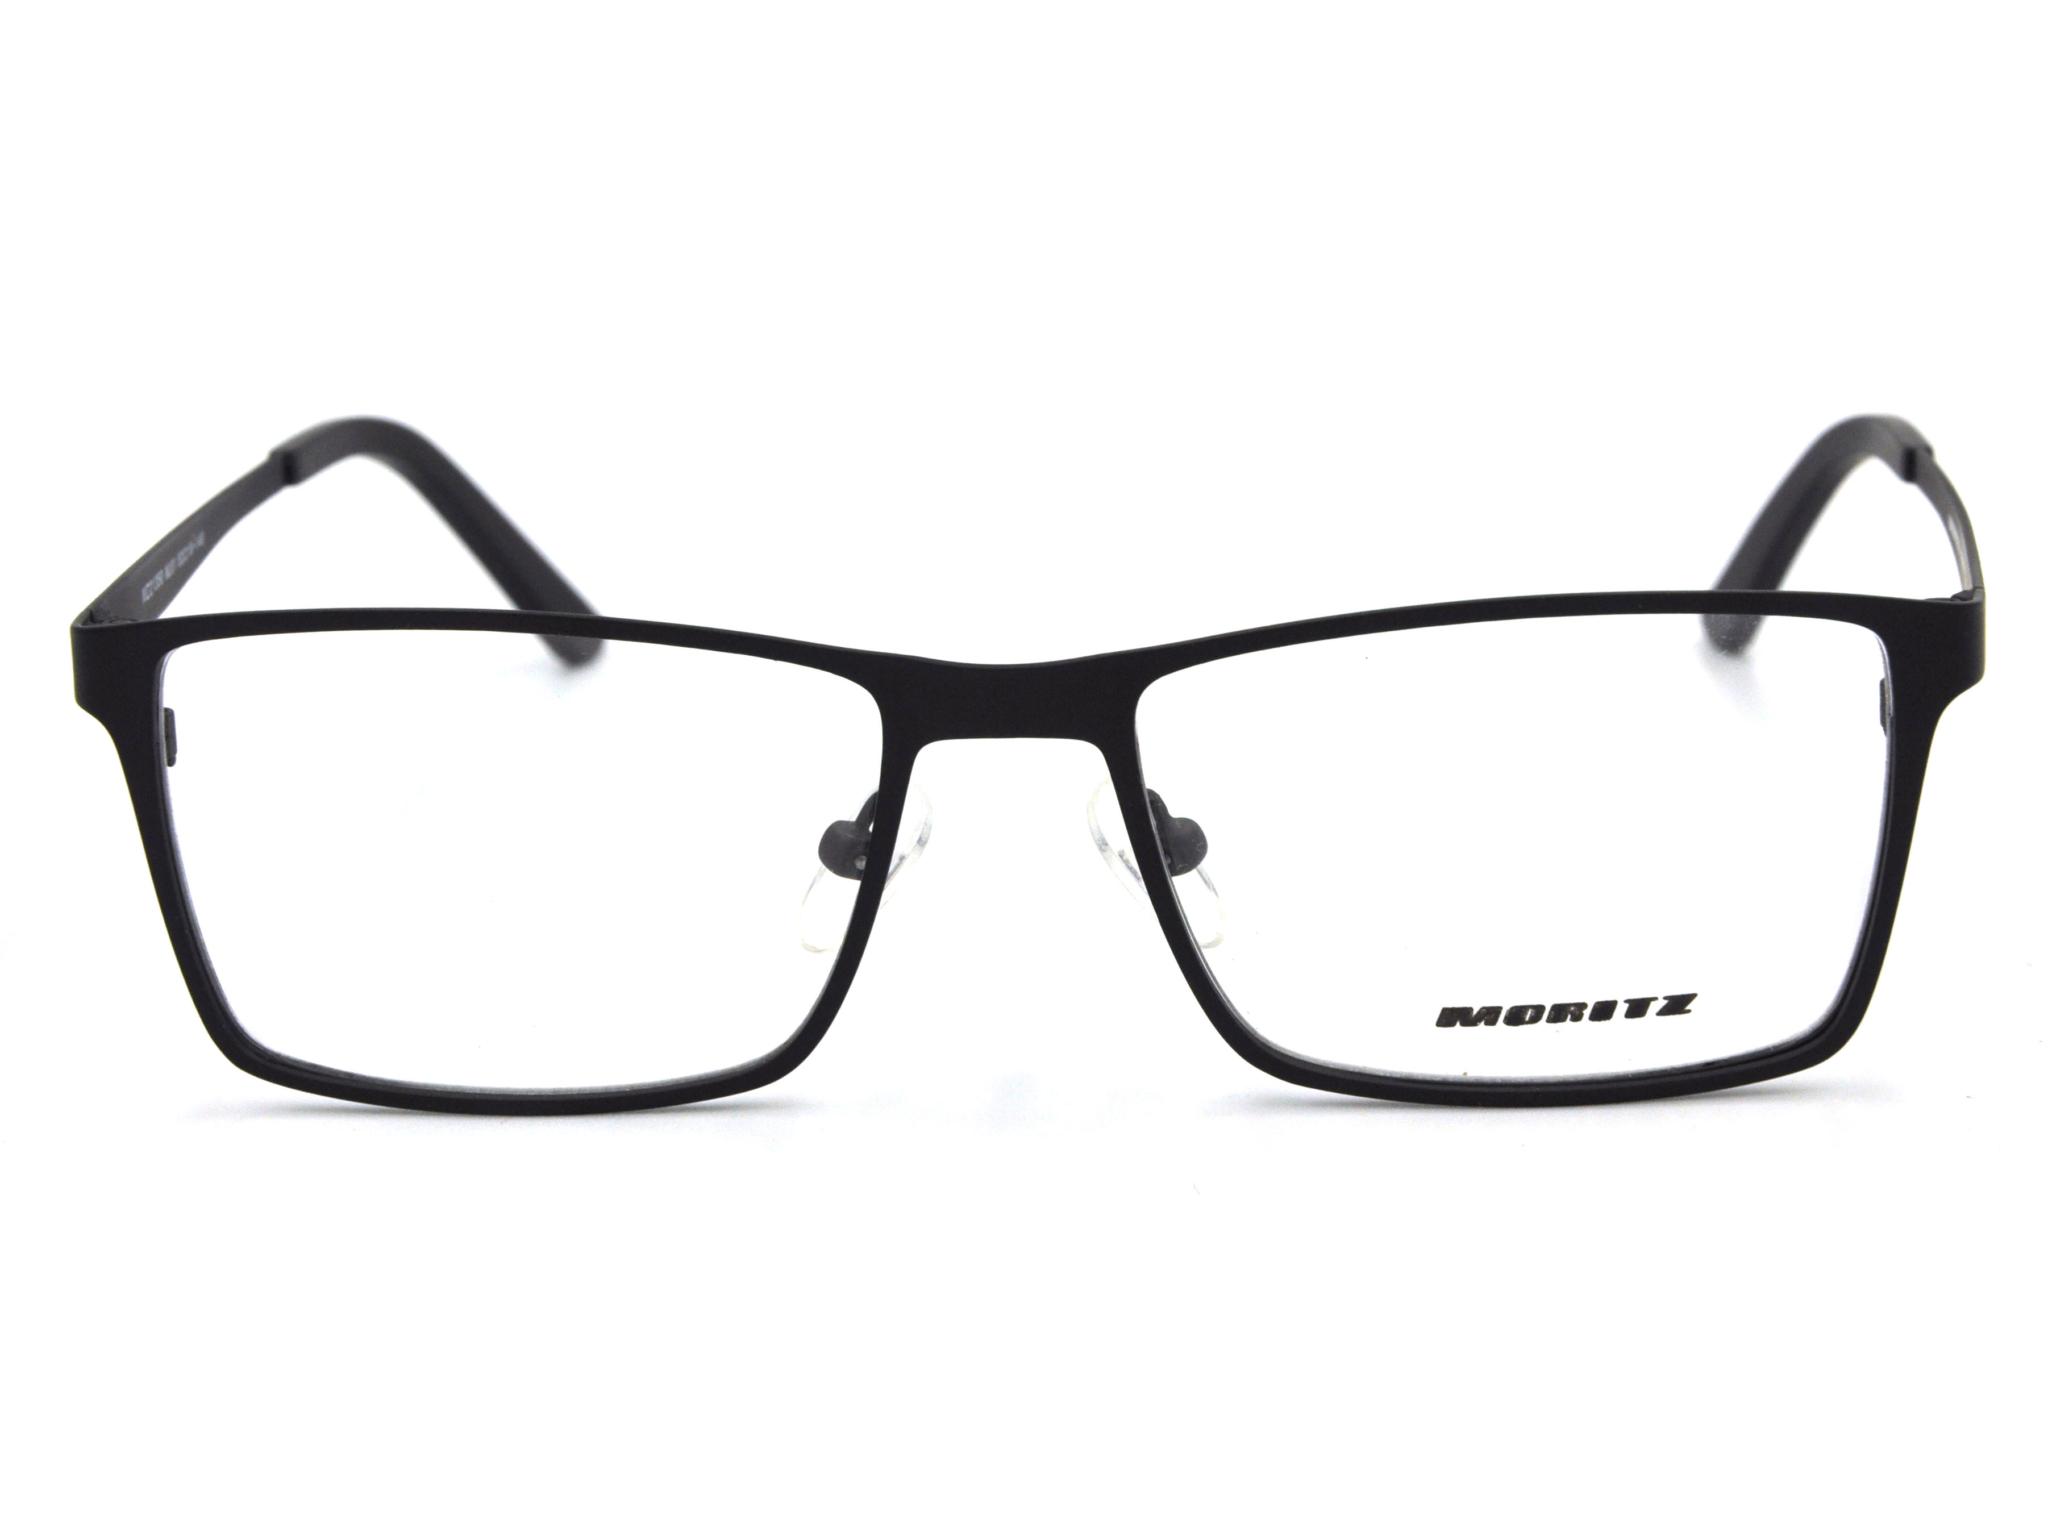 Γυαλιά οράσεως MORITZ MZ21350 MJ01 Πειραιάς